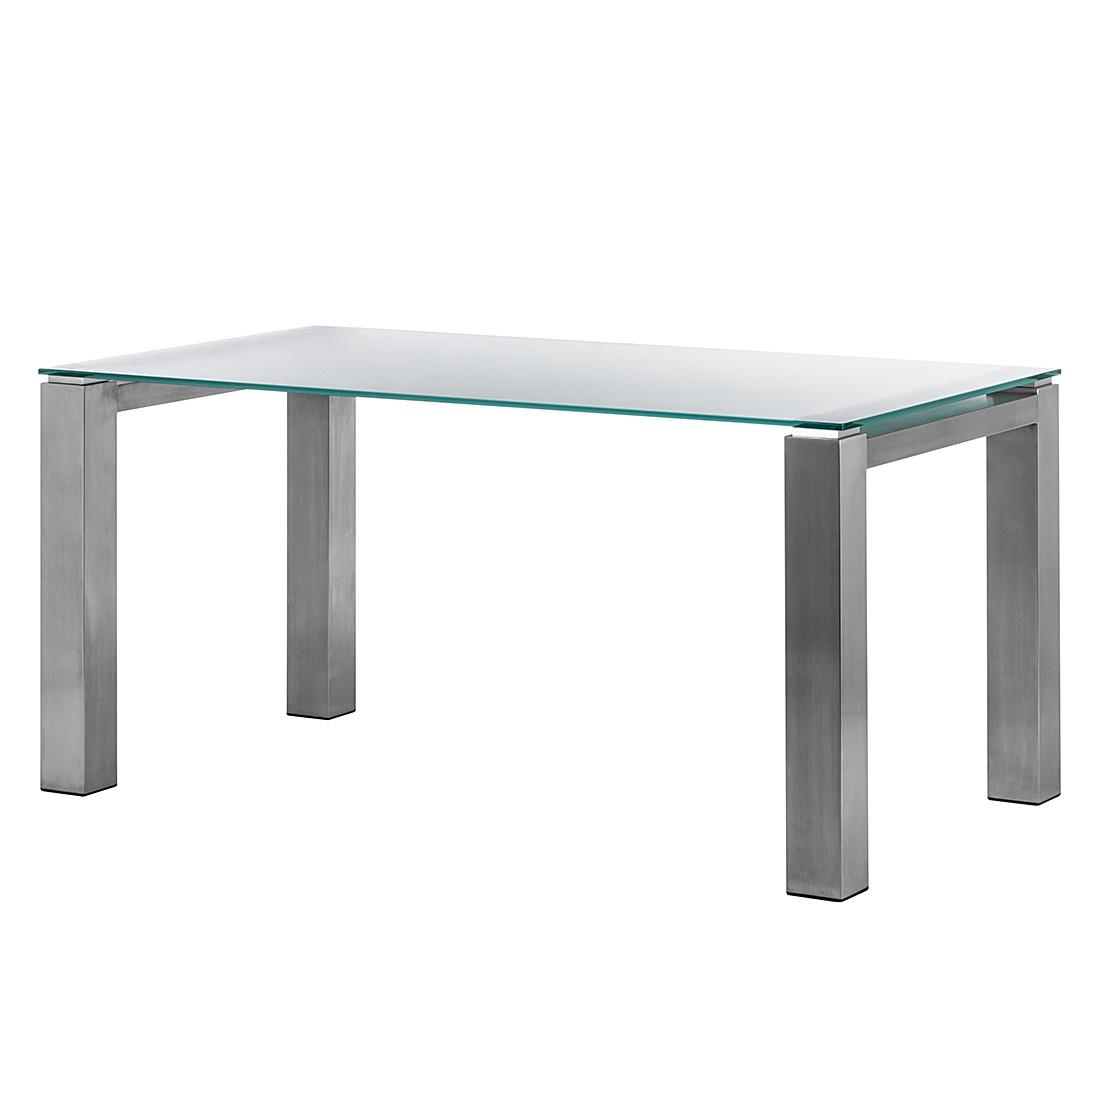 Glastisch Palma – Satiniertes Glas/Edelstahl, gebürstet – 90 x 90 cm, Niehoff günstig online kaufen